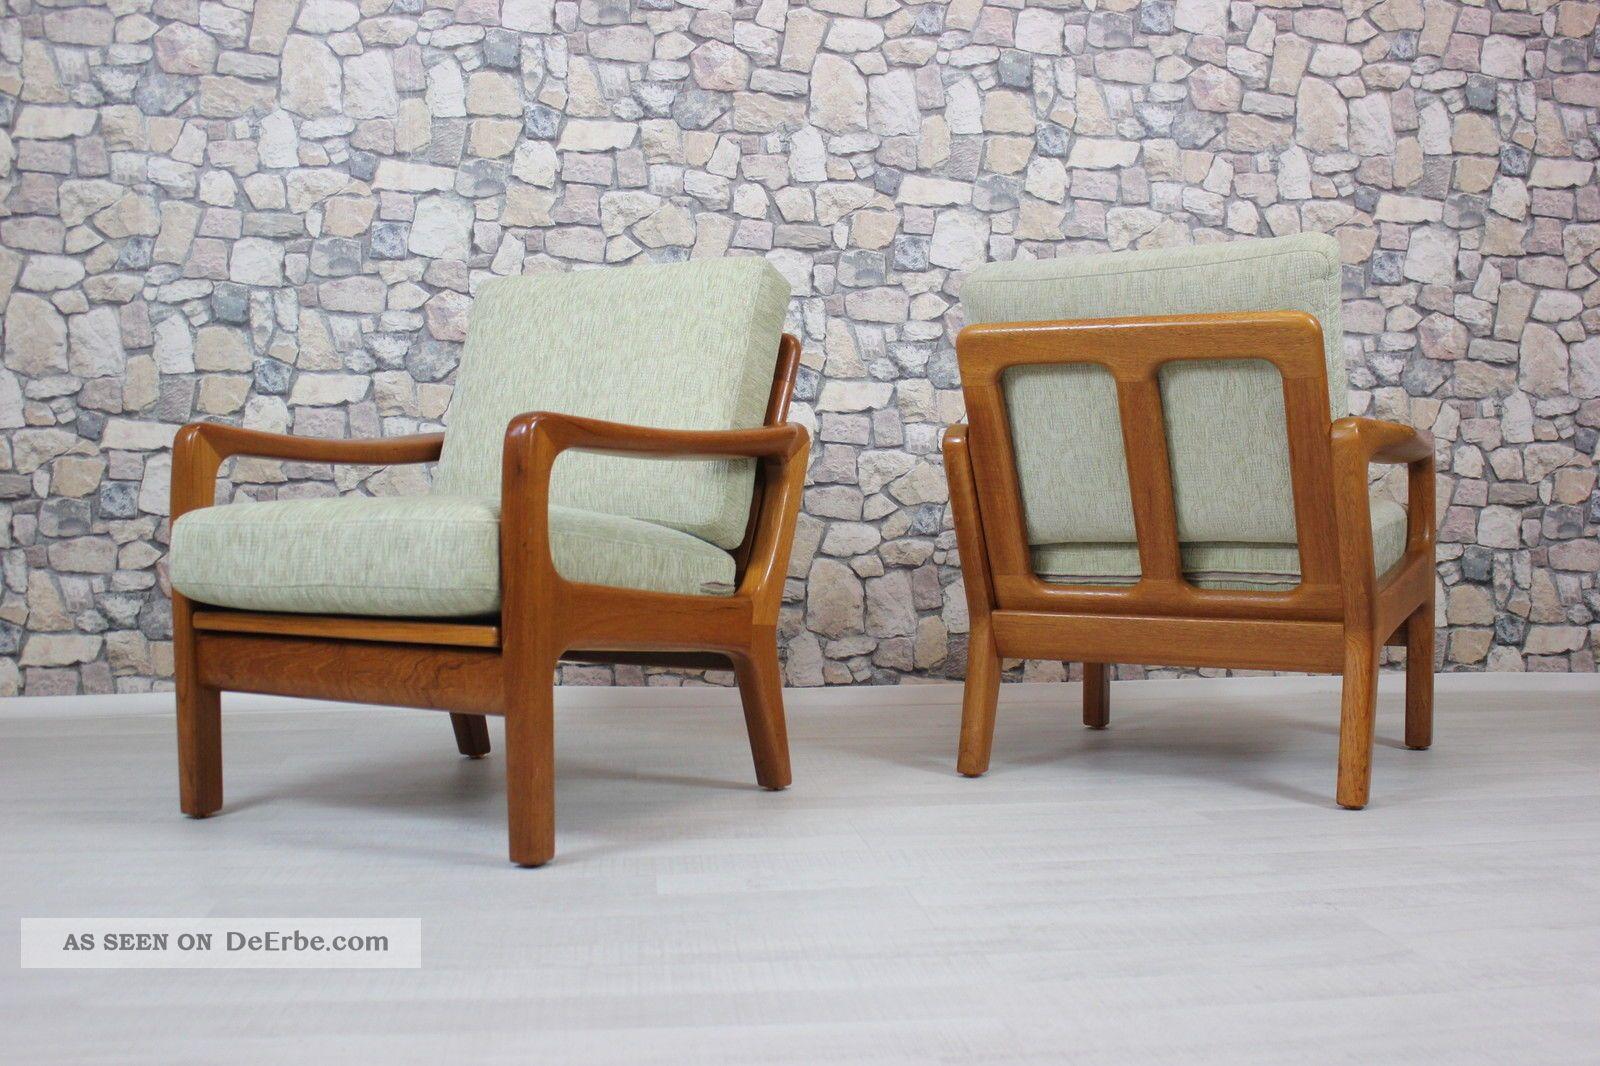 Außergewöhnlich Sessel Bequem Dekoration Von